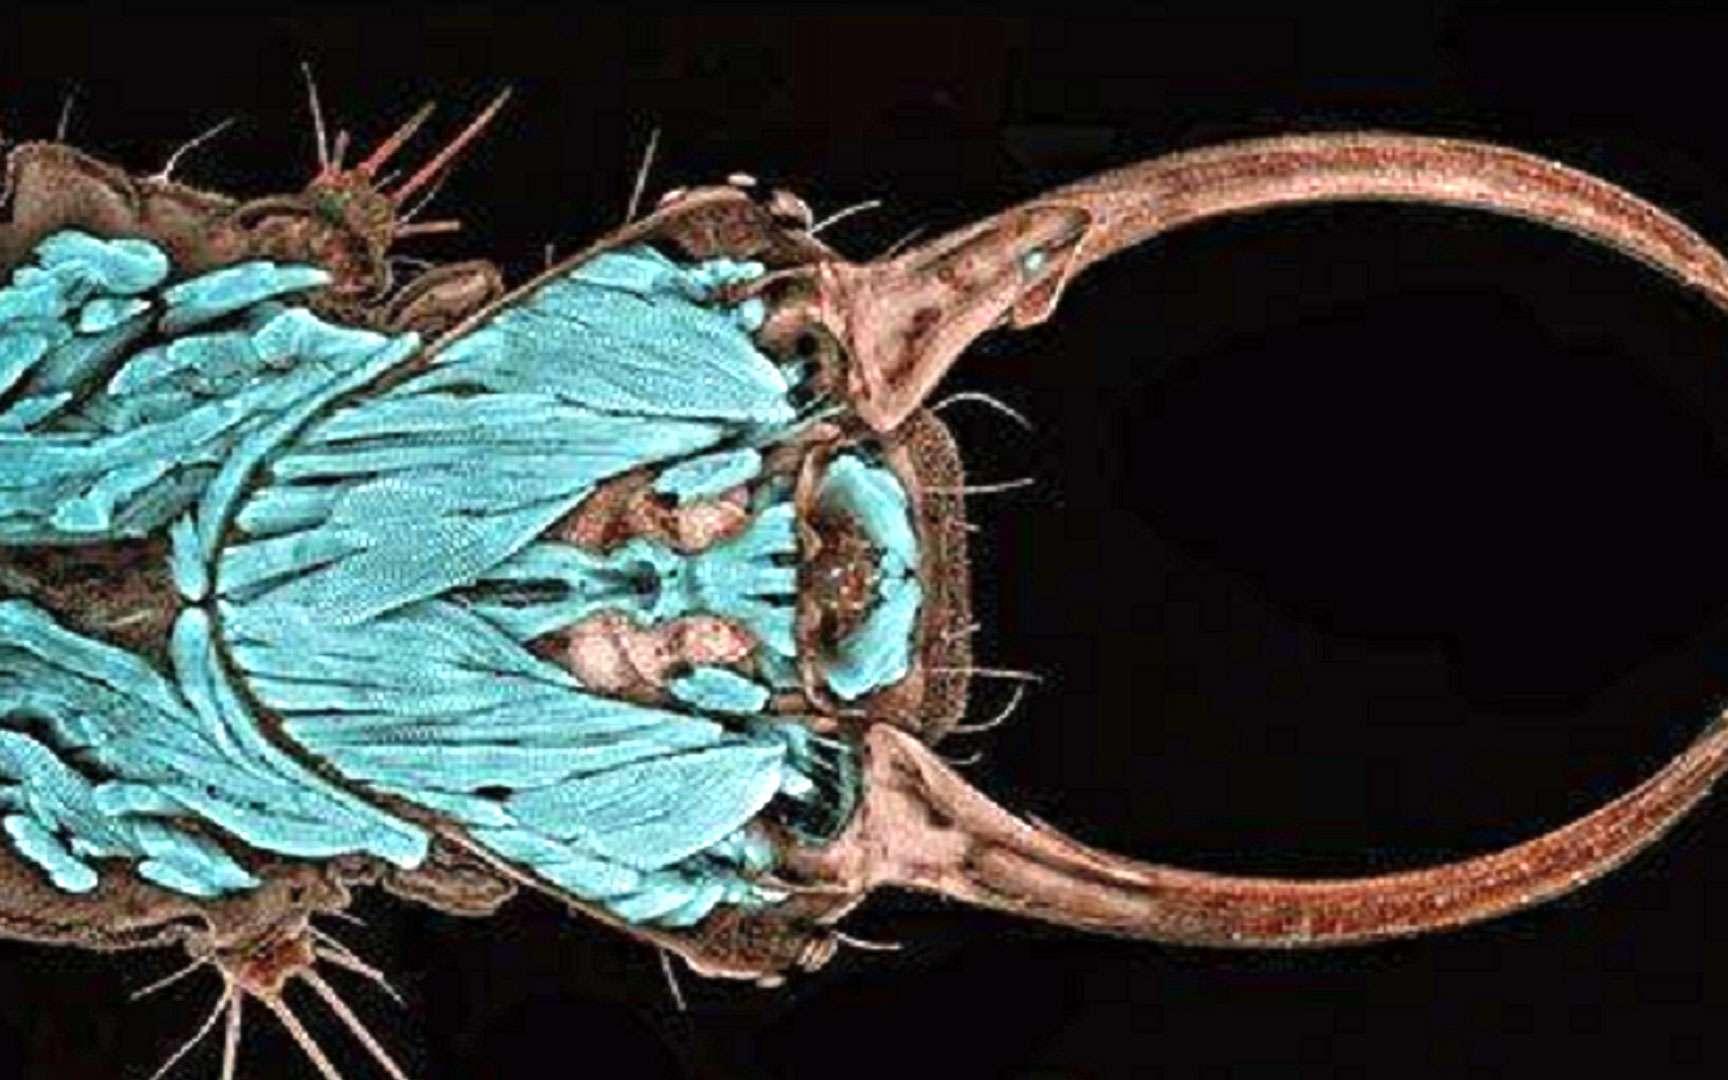 Portrait d'une larve de chrysope. Dr. Igor Siwanowicz, Institut Max Planck de Neurobiologie, Martinsried, Allemagne Portrait d'une larve de chrysope (Chrysopa sp.). Les chrysopes sont des insectes de l'ordre des Neuroptères. Les larves sont particulièrement appréciées en verger puisqu'elles sont prédatrices et se nourrissent notamment d'aphides (pucerons). L'assemblage de leurs mandibules et maxilles, bien visible sur la photo, forme un croc suceur qui permet d'aspirer les liquides corporels de leurs proies. Microscope confocal. Grossissement 20x.